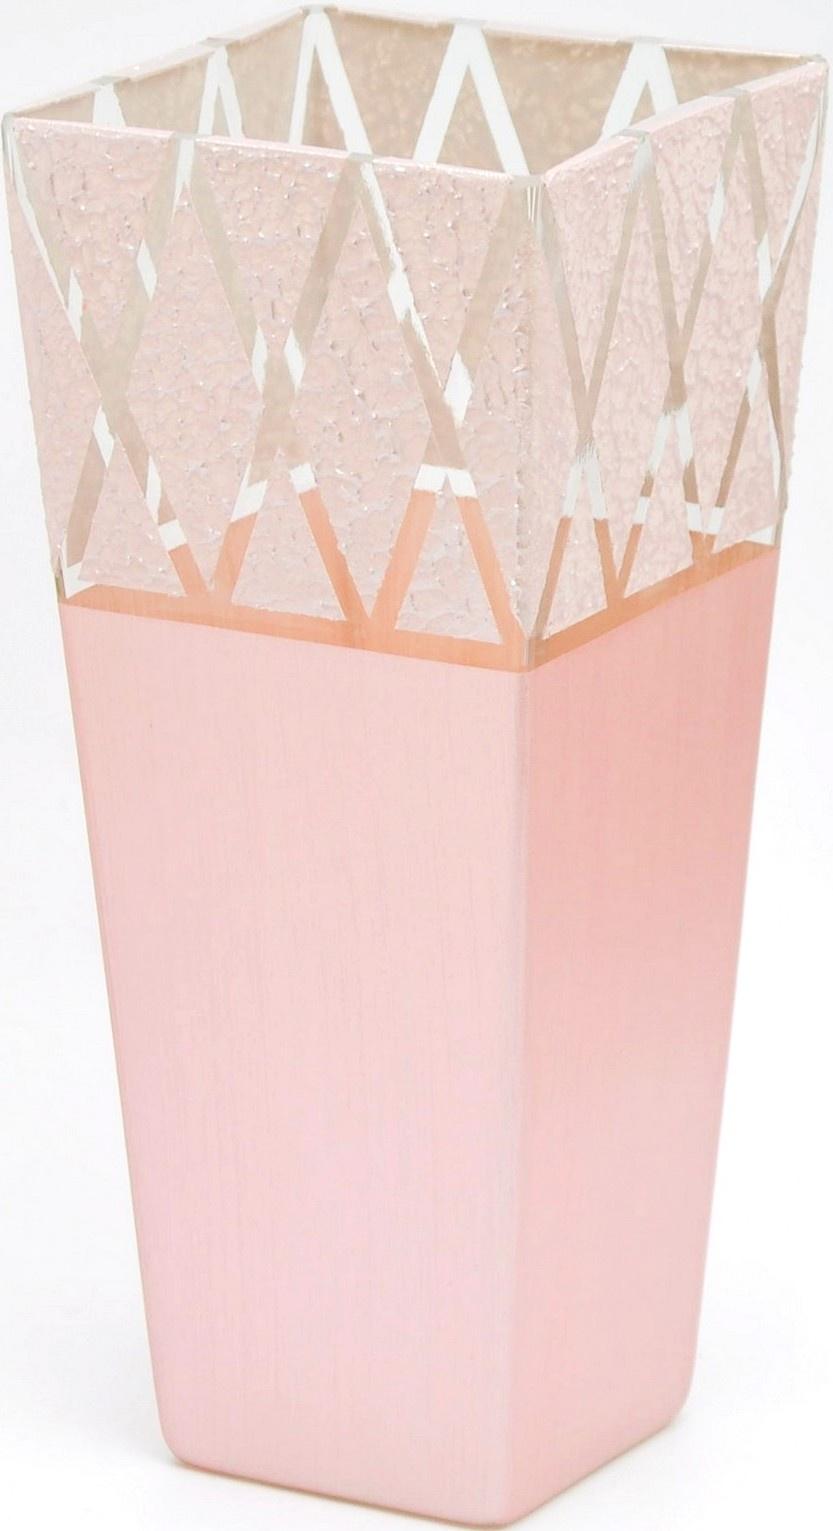 Ваза Яркий штрих sh167.2, розовый